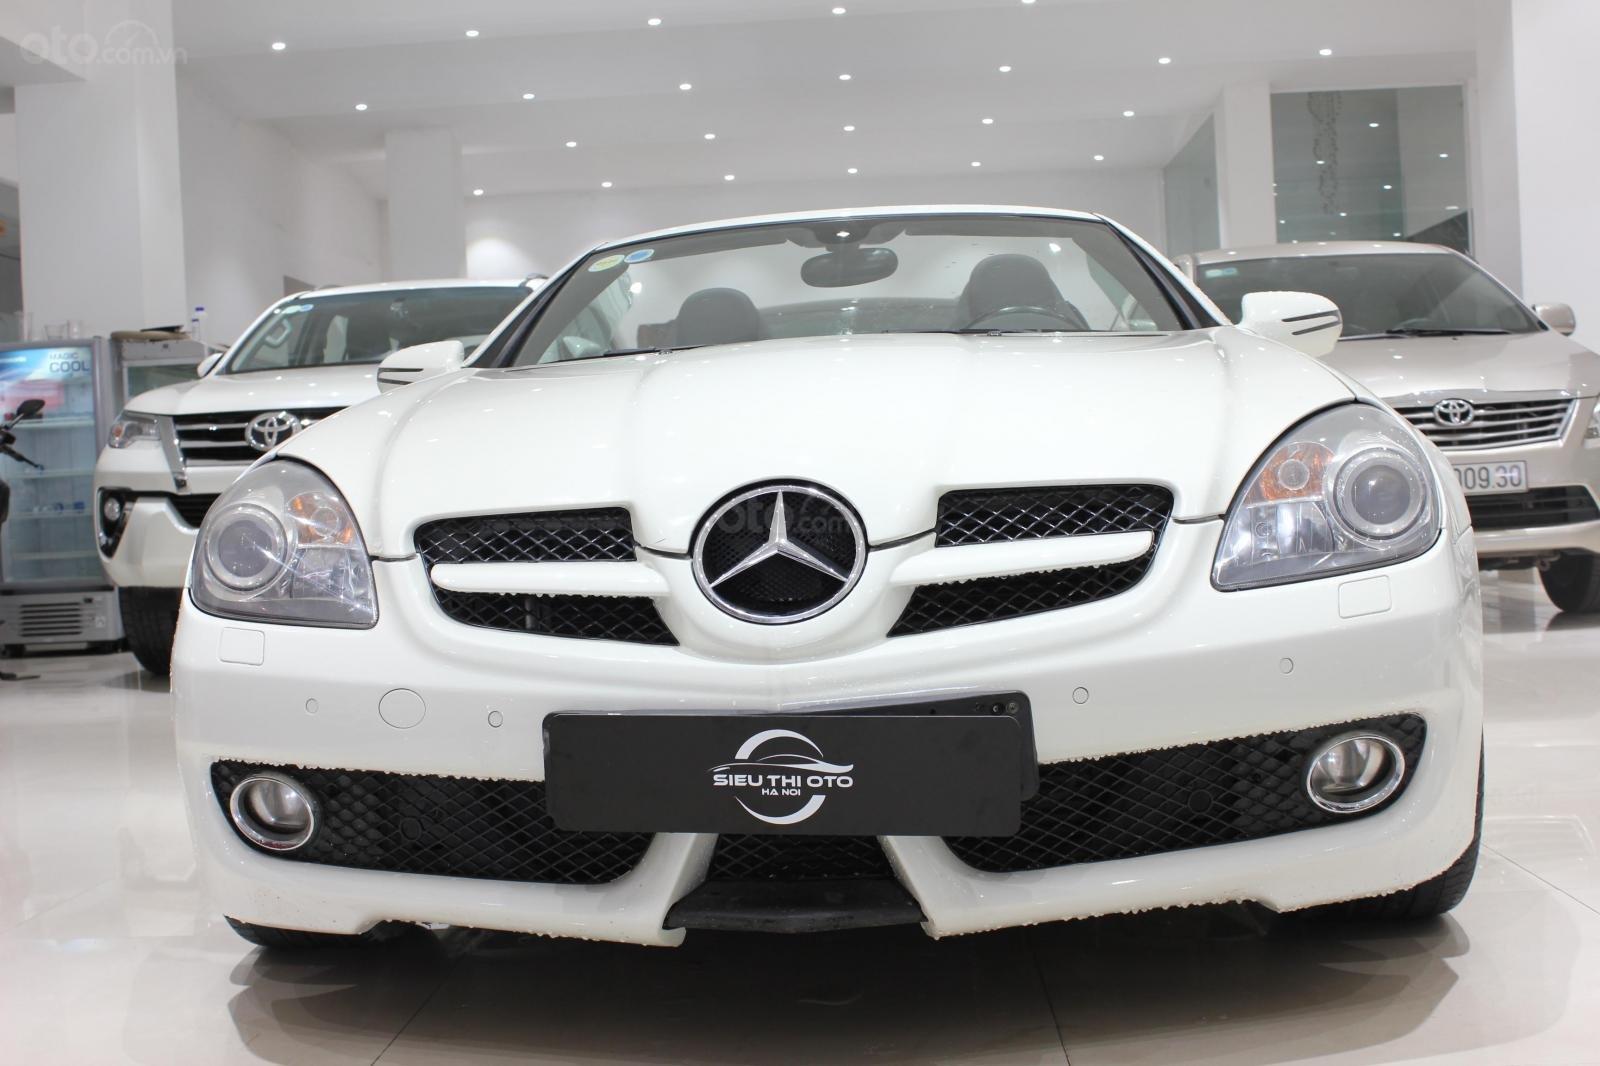 Mercedes SLK 200 sx 2009, mui trần, màu trắng, biển thành phố (1)